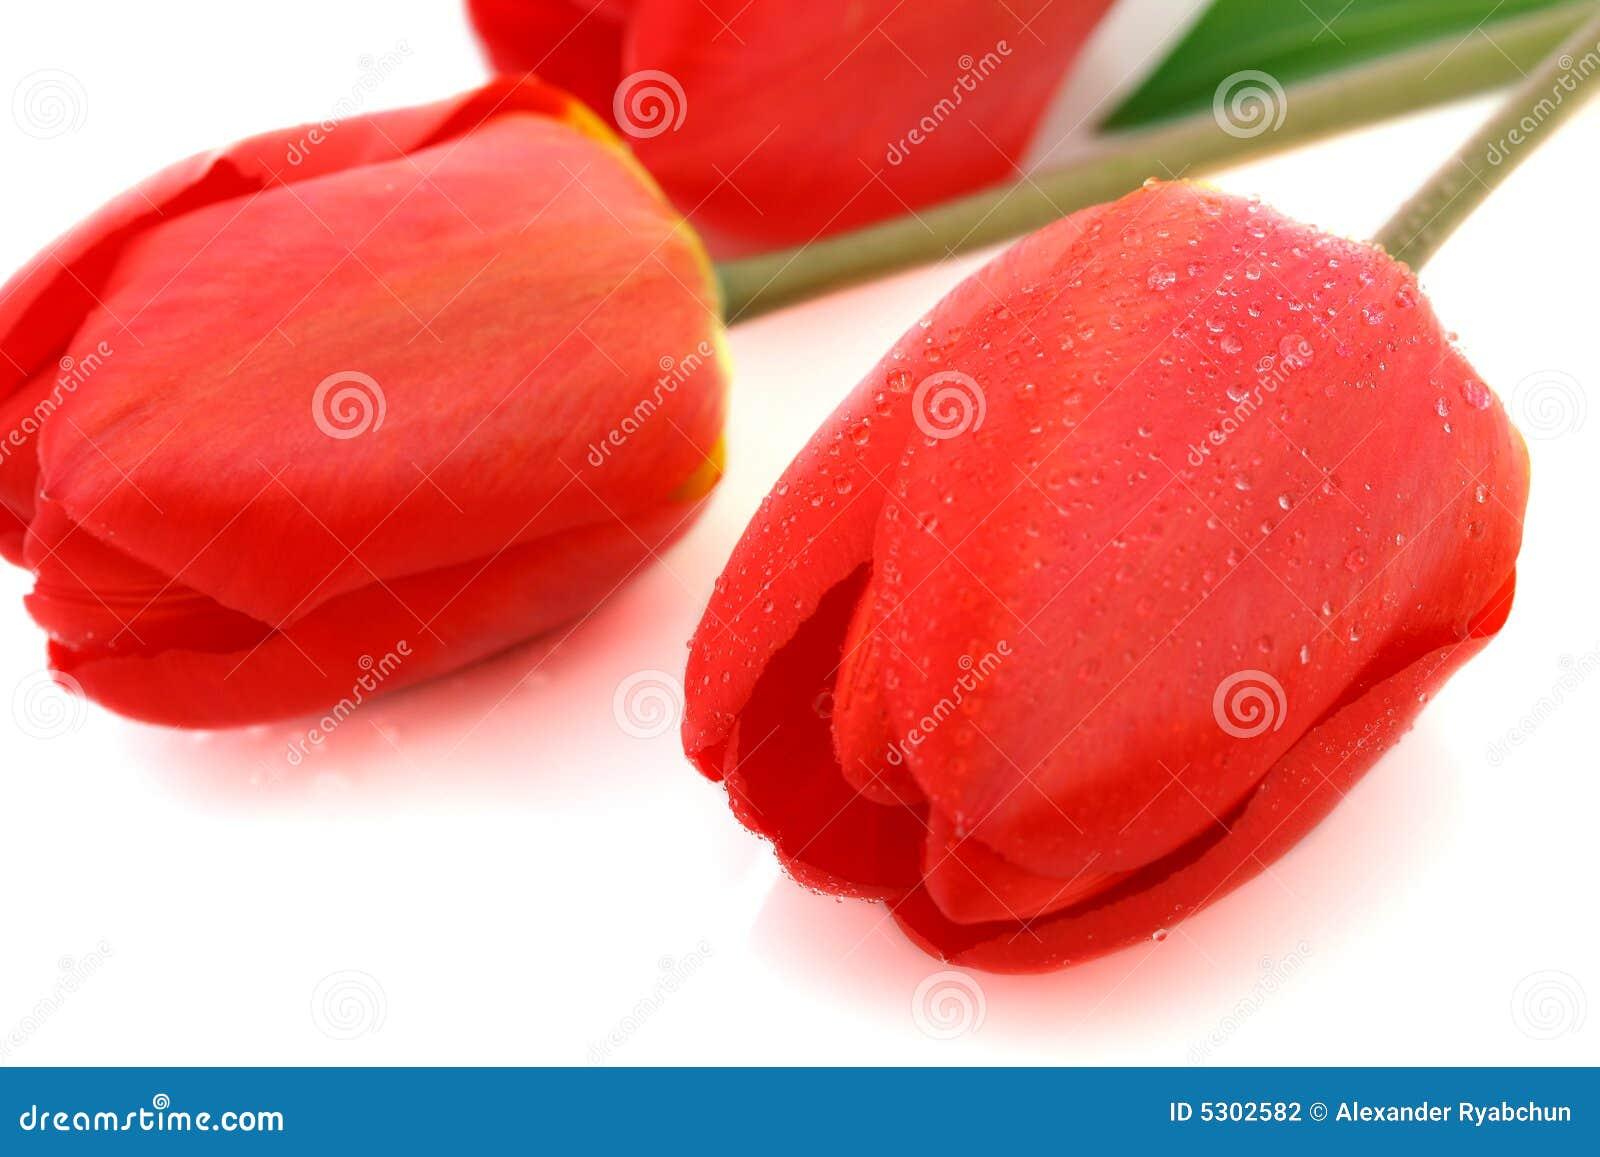 Download Tulipano Rosso Con Le Gocce Di Rugiada Fotografia Stock - Immagine di concetti, romanzesco: 5302582